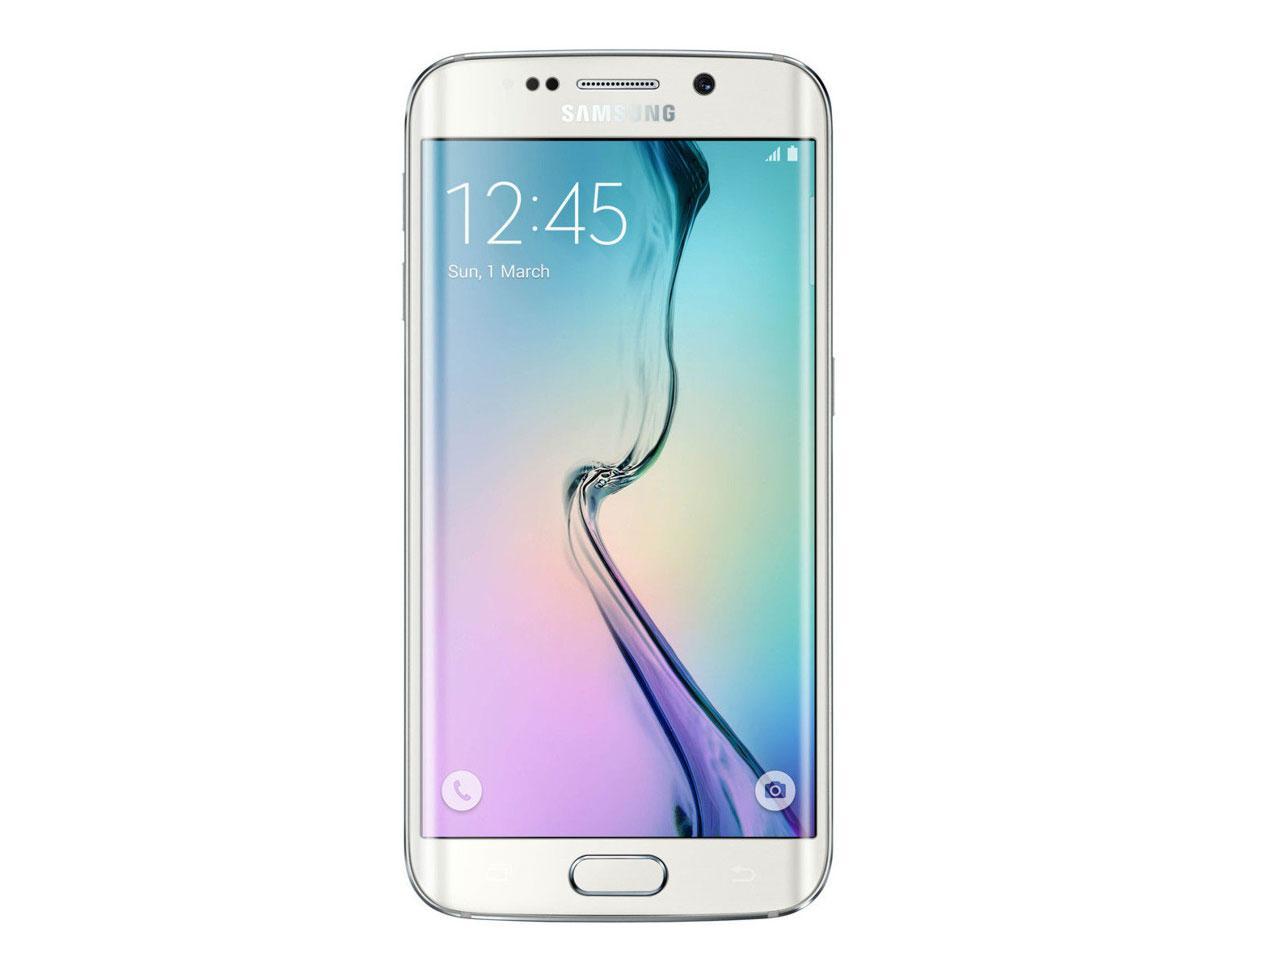 SAMSUNG Galaxy S6 Edge (SM-G925F), 32GB, bílý, CZ distribuce + 300 Kč na dárky nebo další nákup | CHAT on-line podpora PO-PÁ 8-22.00!!